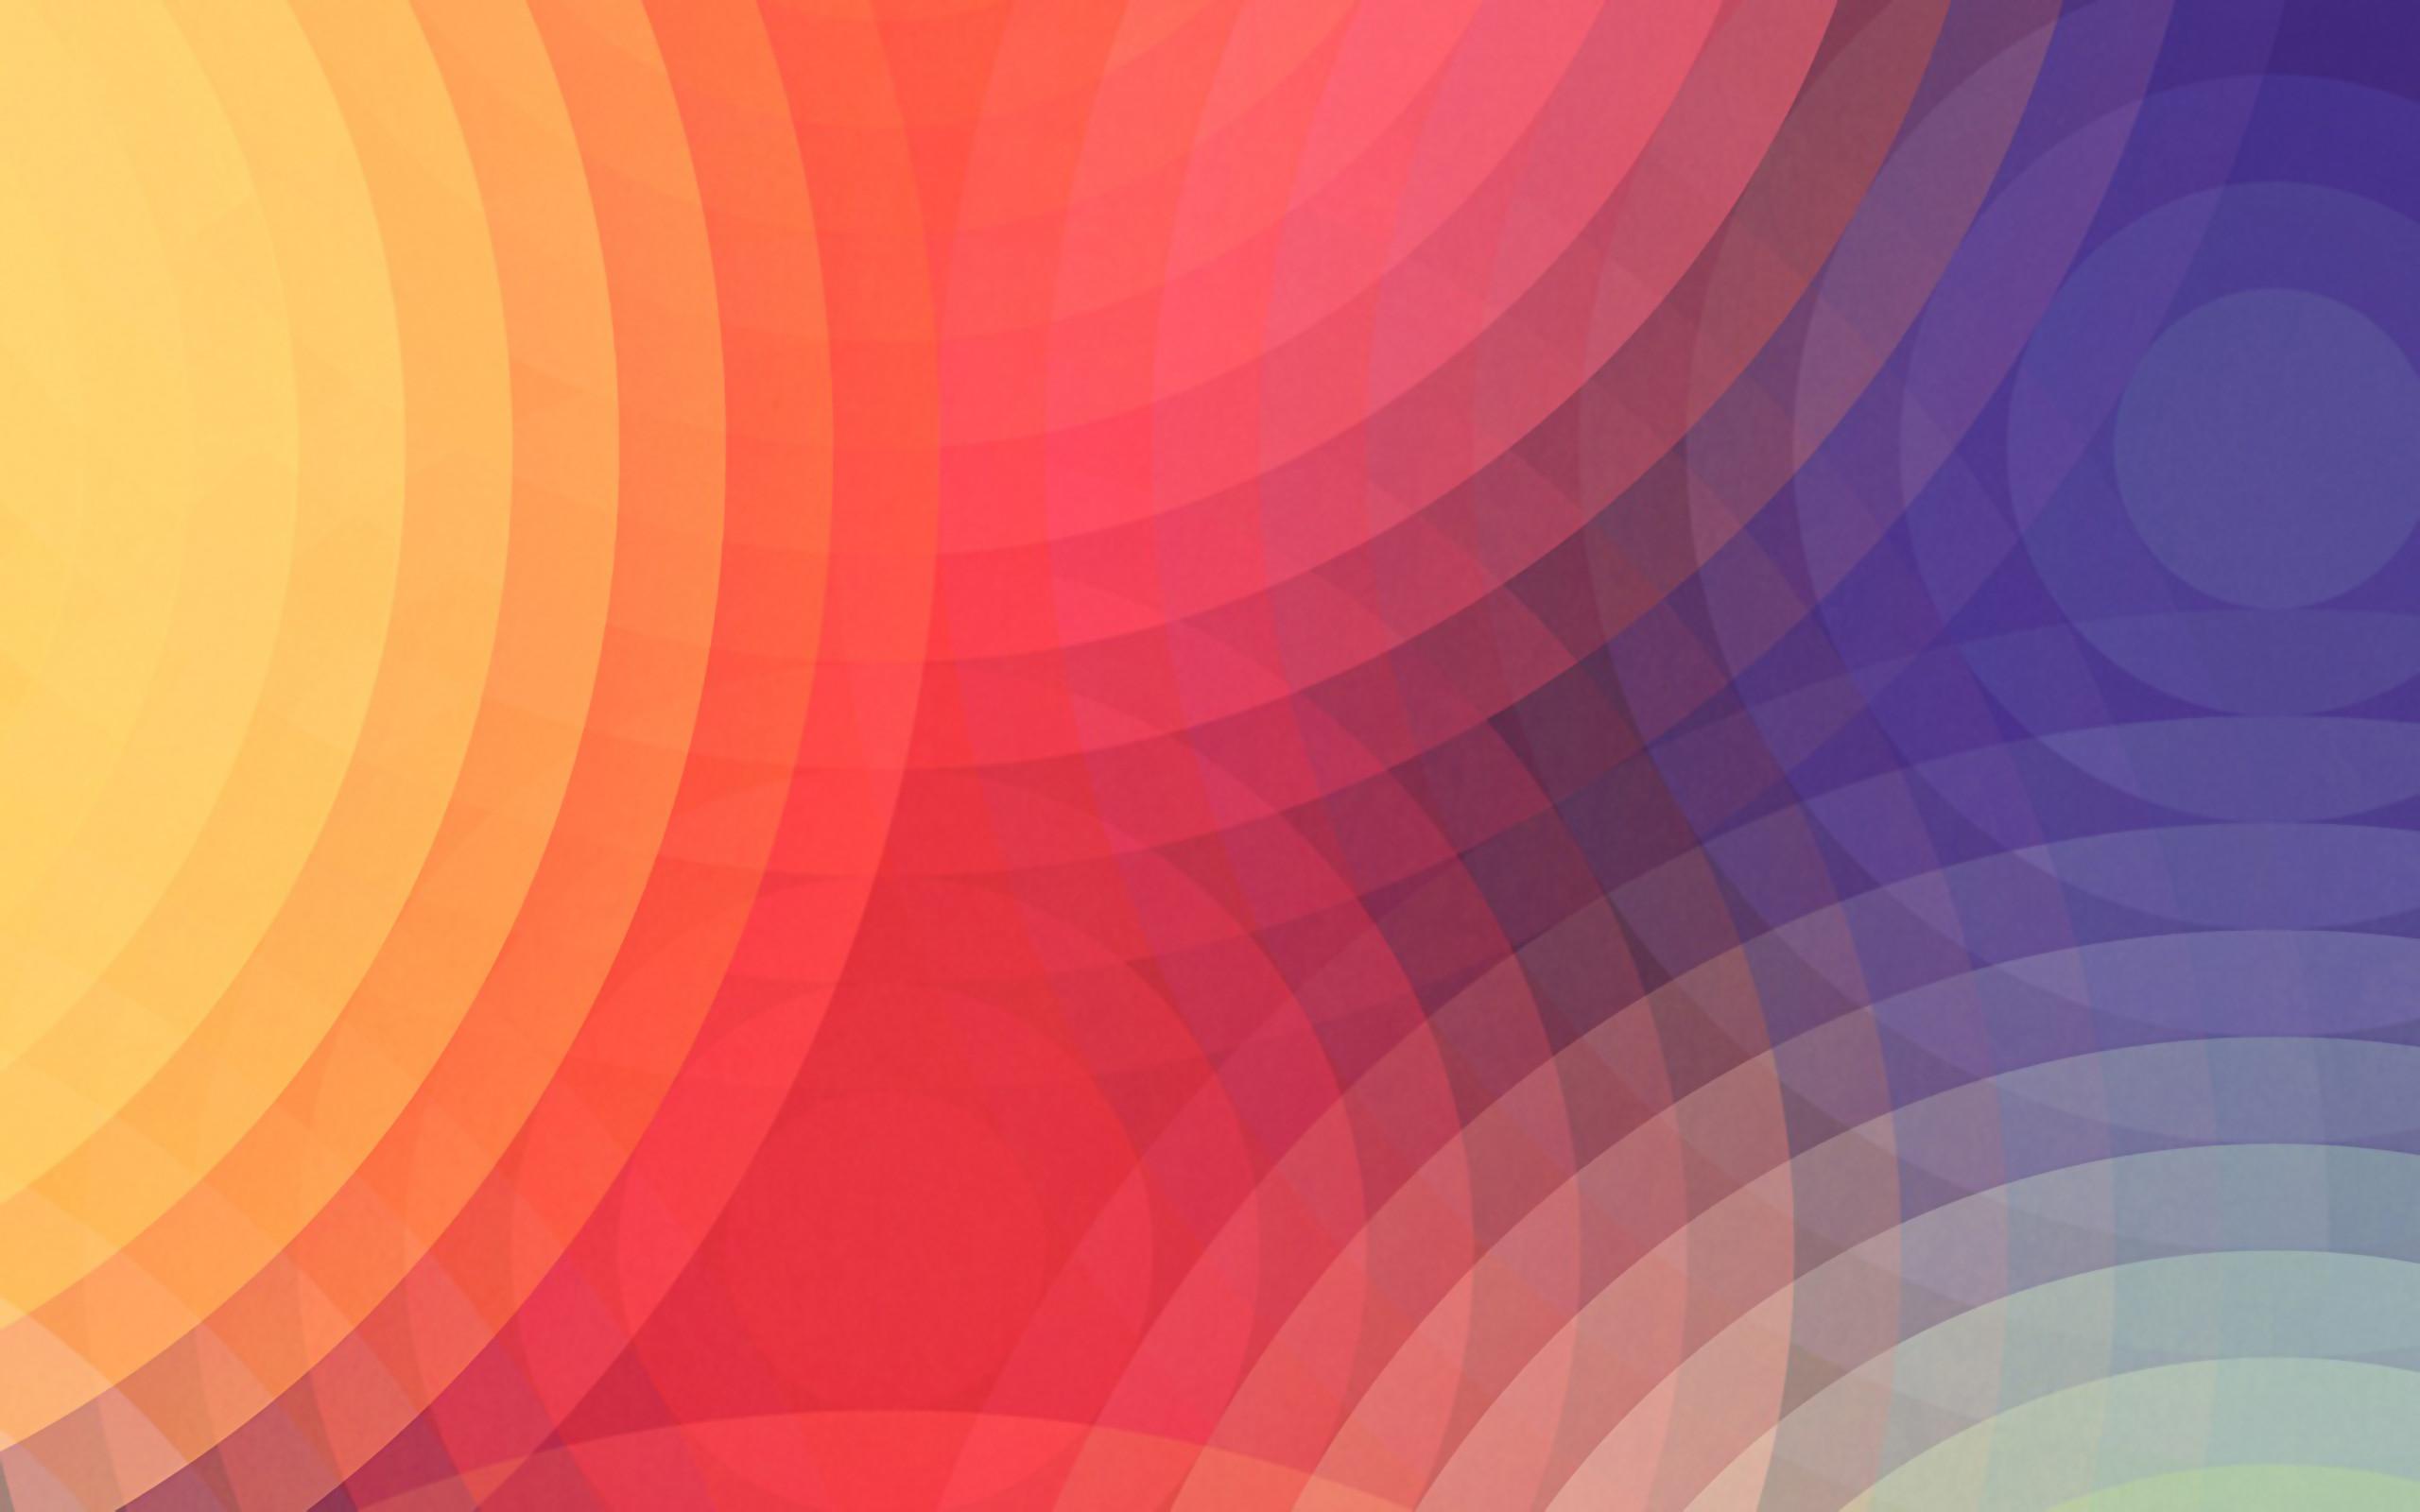 Geometric wallpaper   2560x1600   #44409